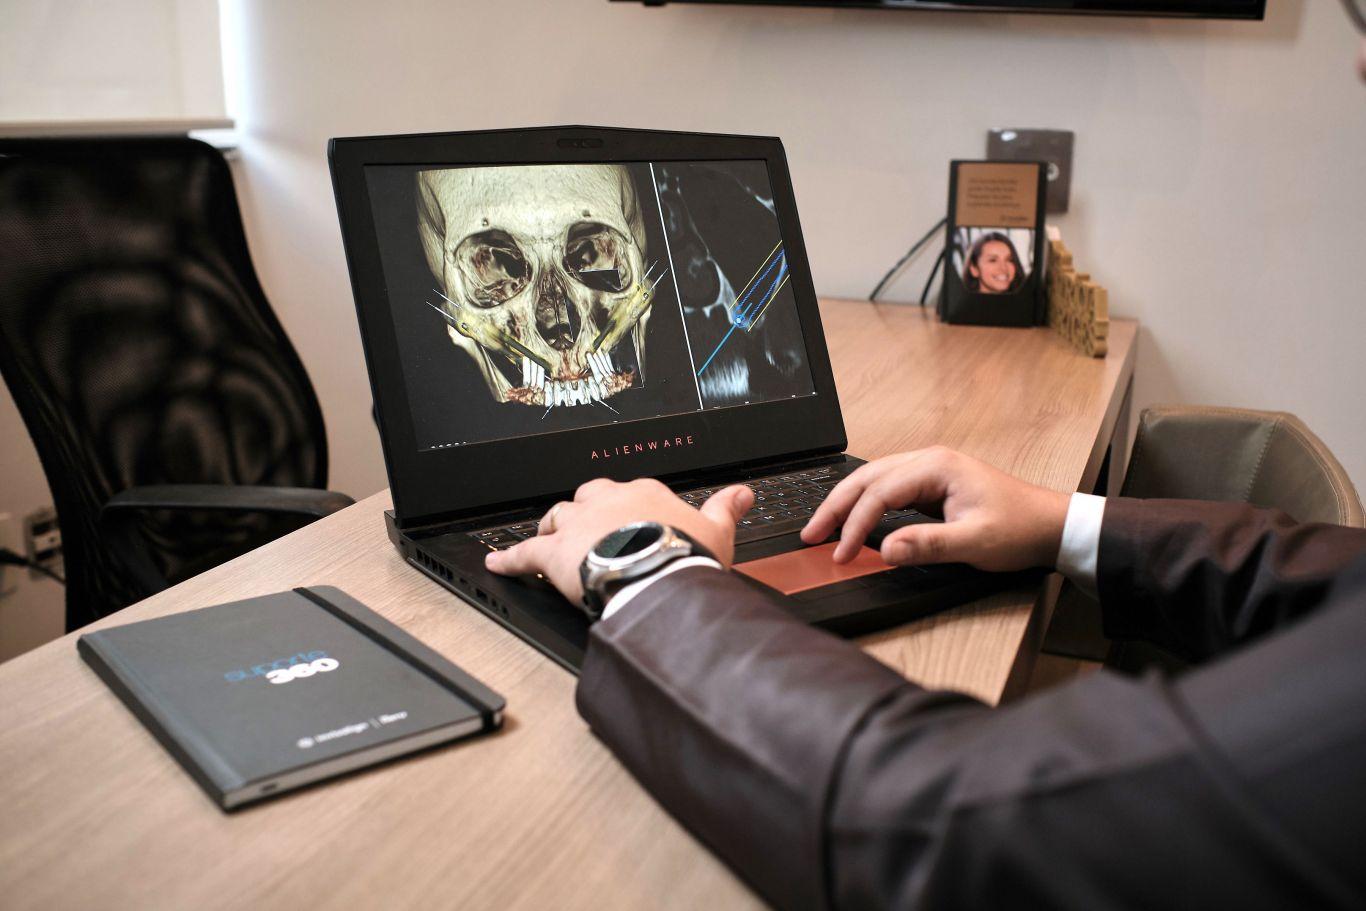 Profissional mexe no computador. Na tela é possível ver a foto de um crânio.